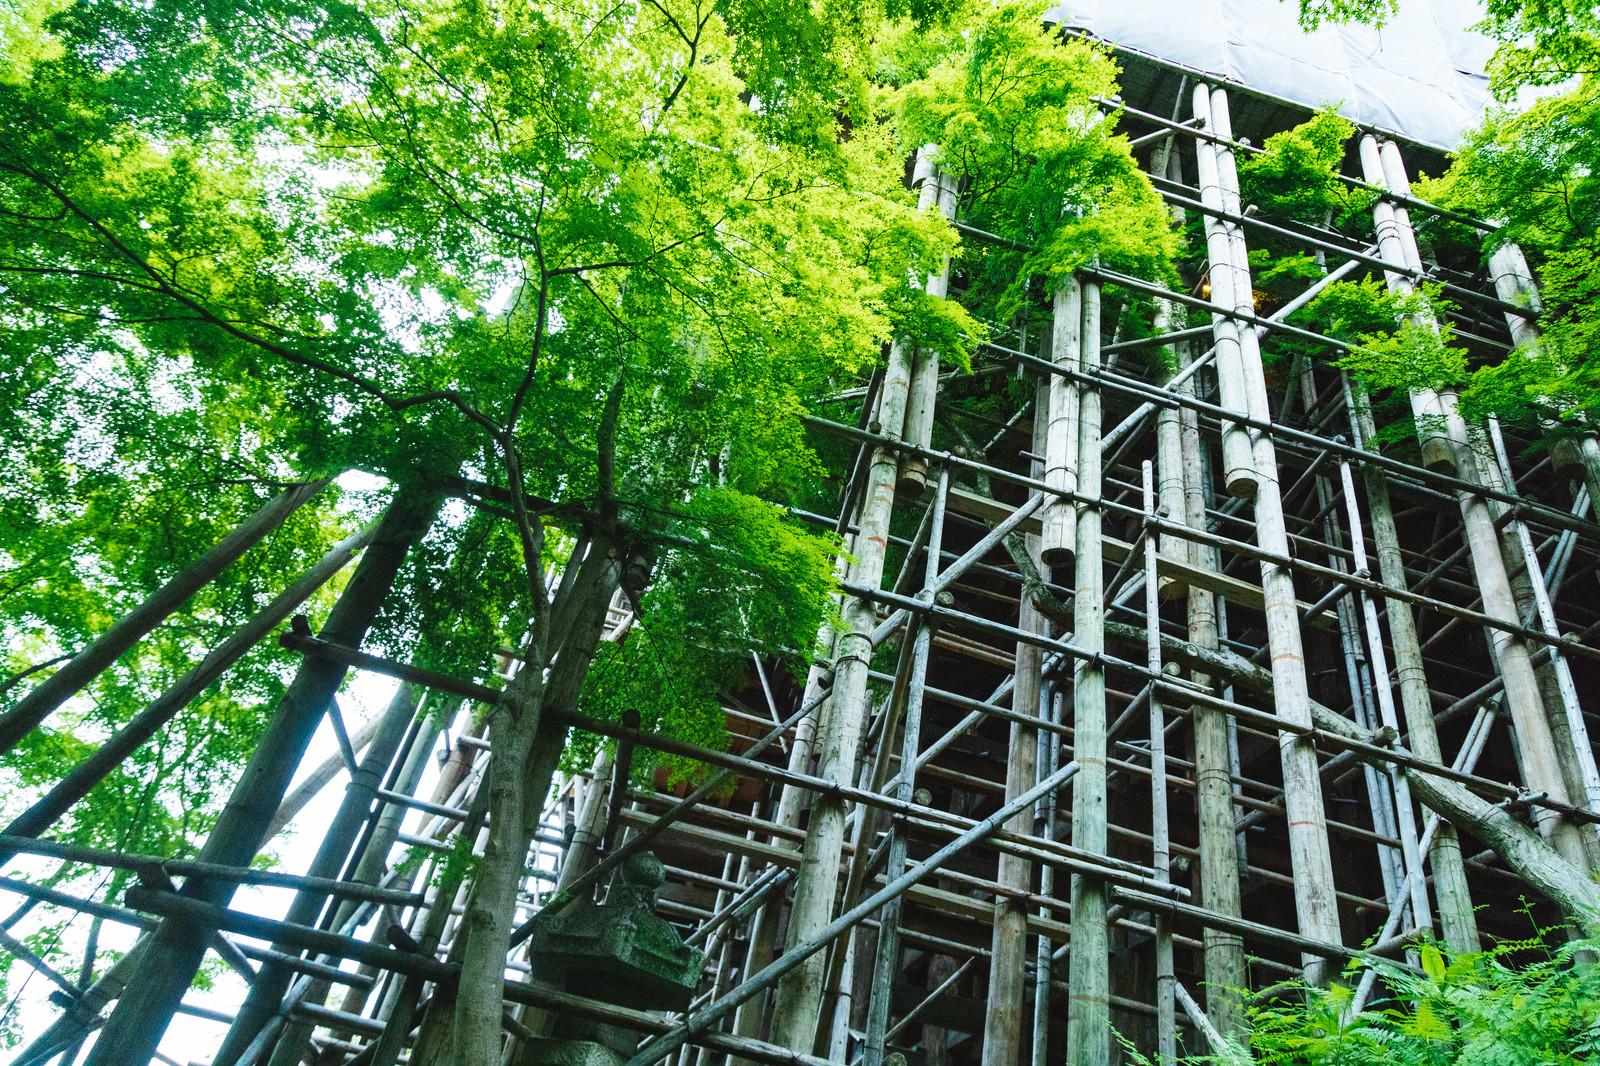 【施工完了報告!】埼玉県北葛飾郡にてシール工事&軒天張り替え工事完了!